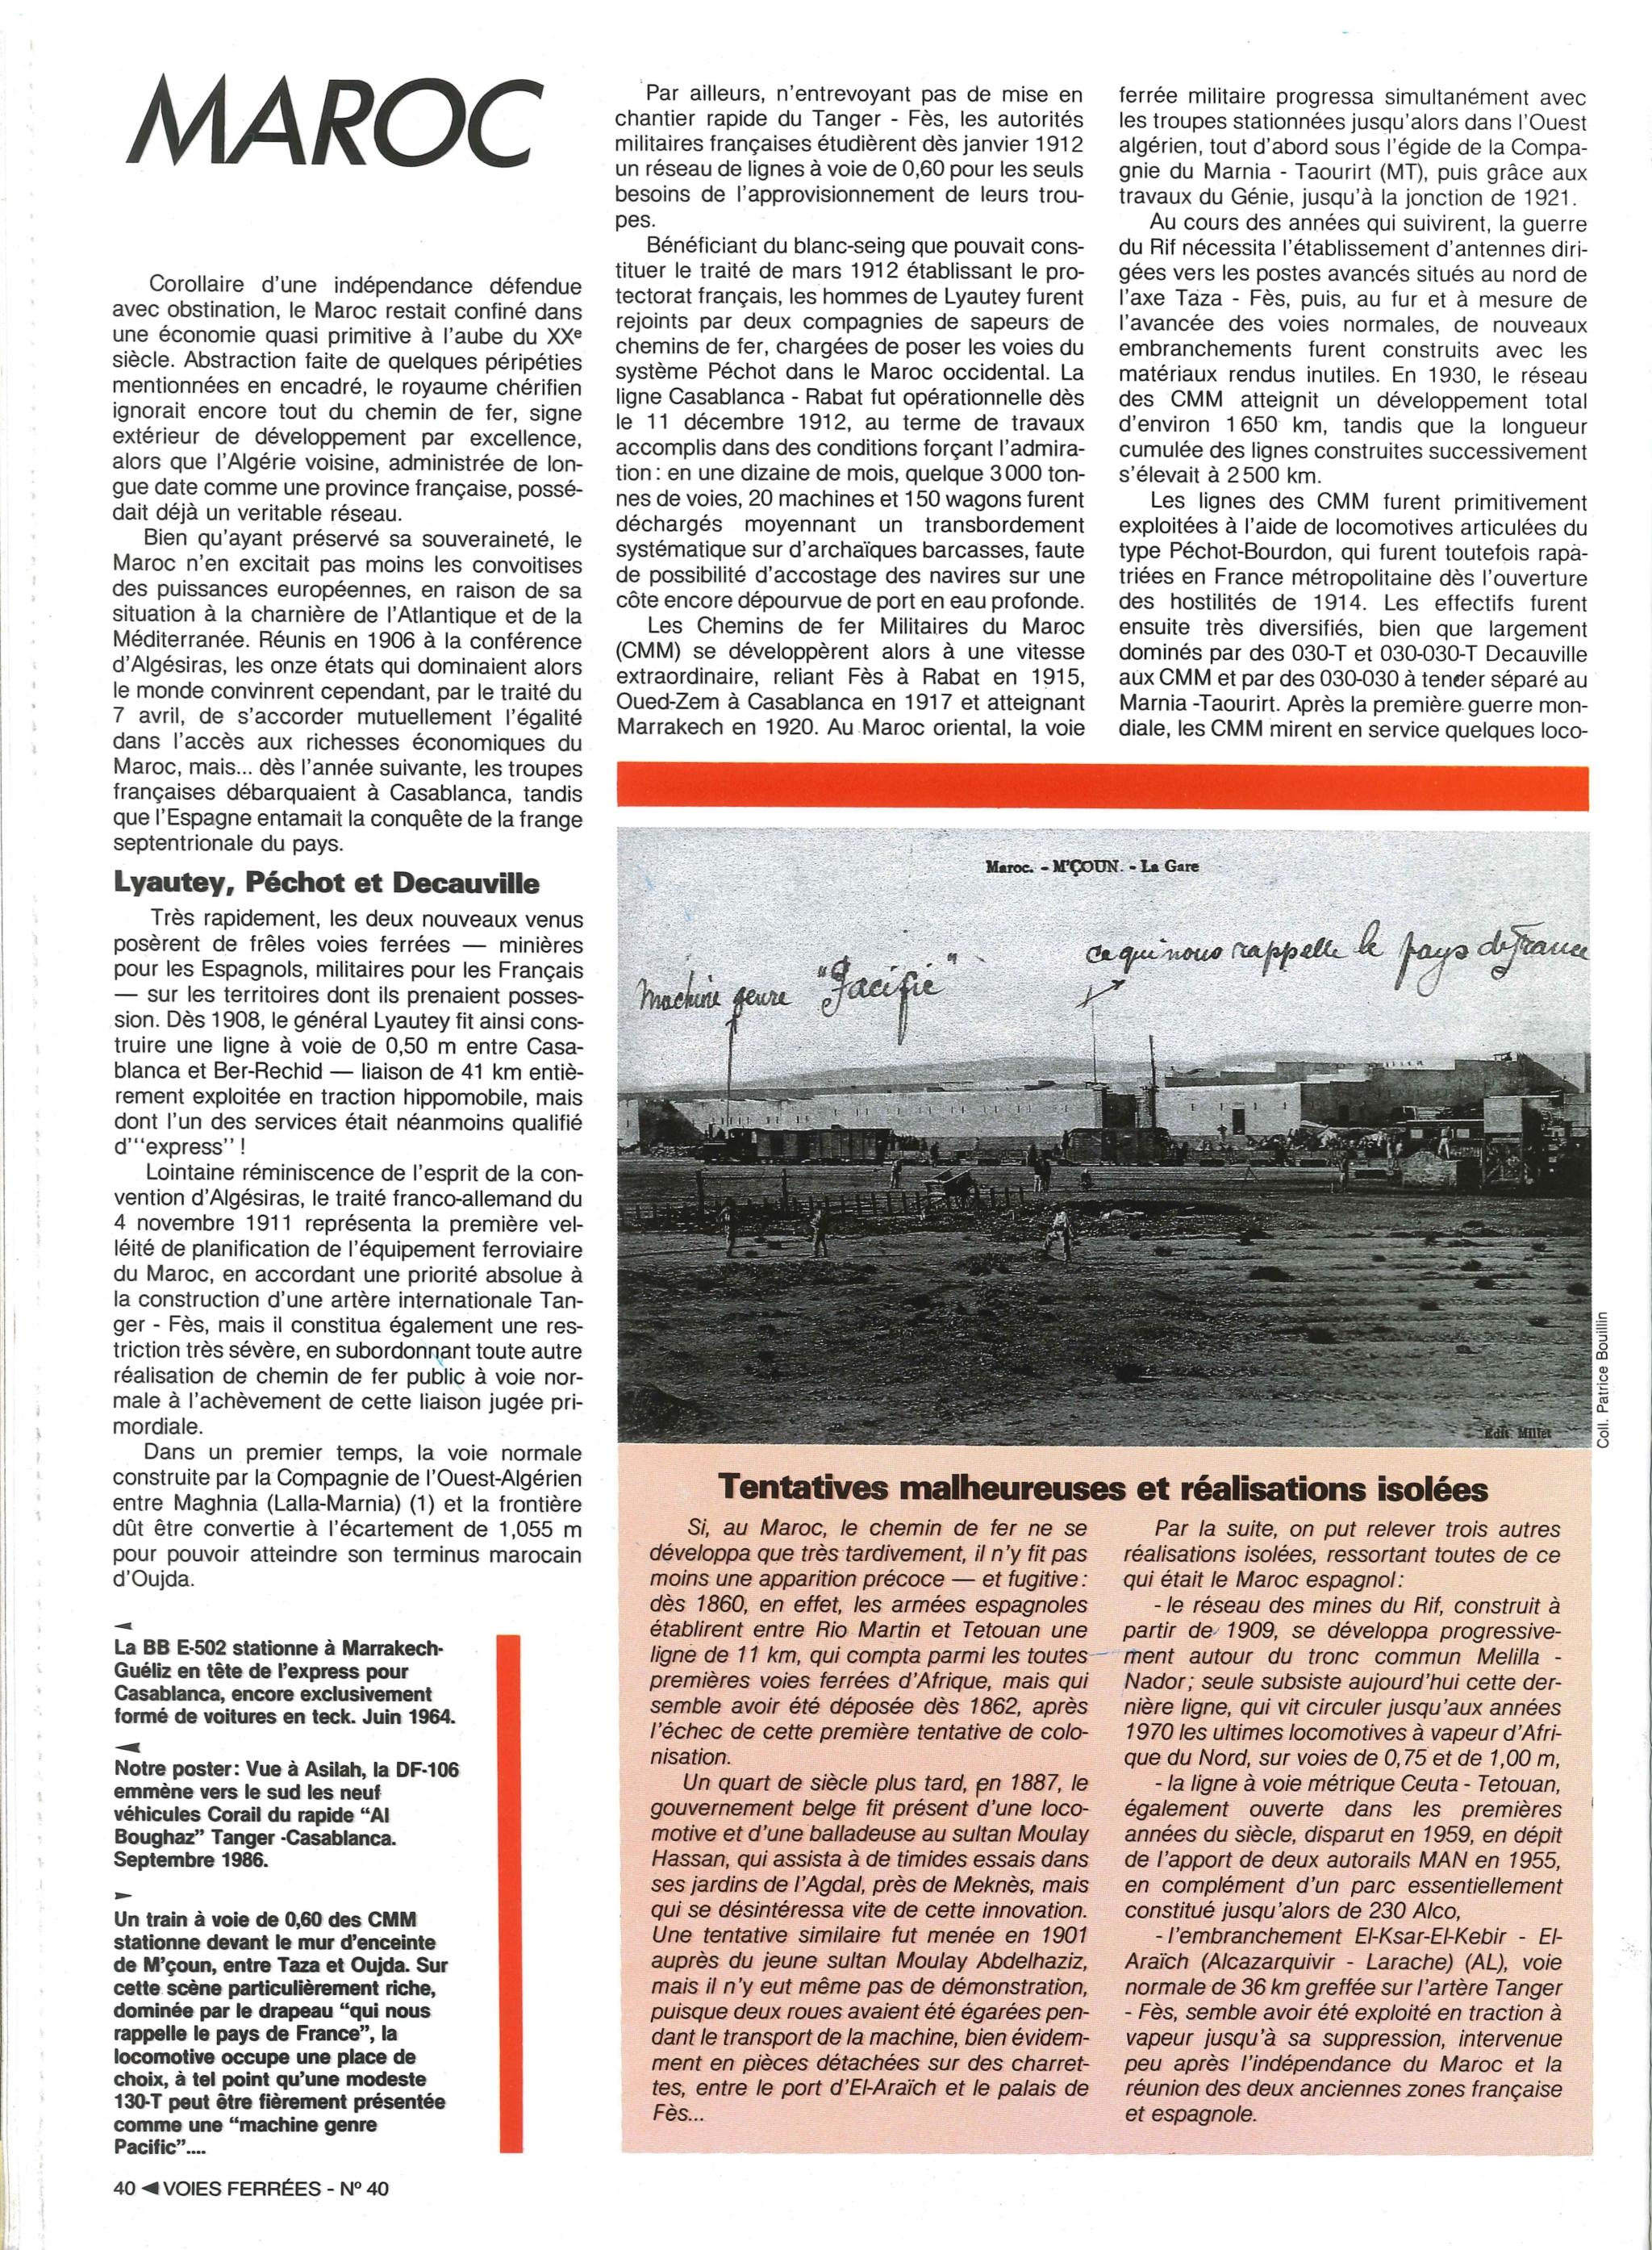 Chemins de Fer au Maroc - ONCF  - Page 4 49610013452_c6df1dff0e_o_d